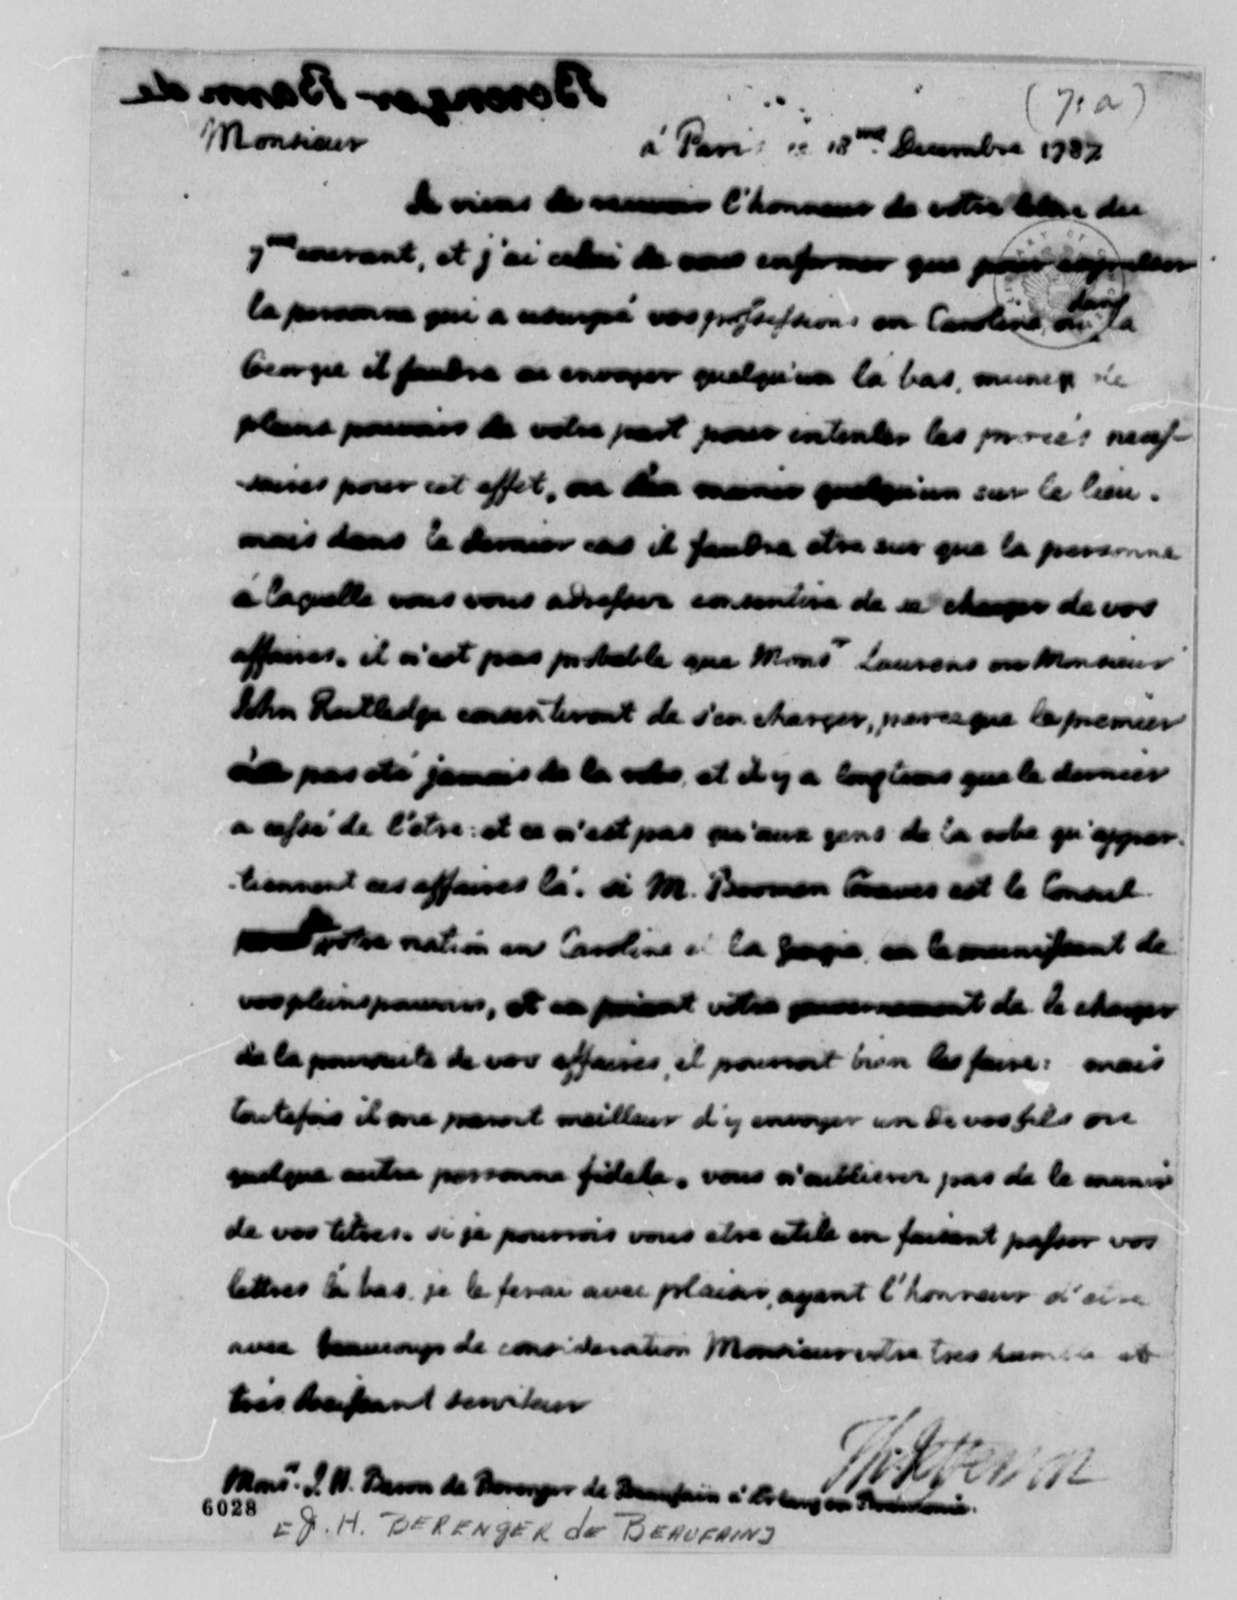 Thomas Jefferson to Baron de Berenger de Beaufain, December 18, 1787, Estate of Hector de Berenger de Beaufain in South Carolina; in French